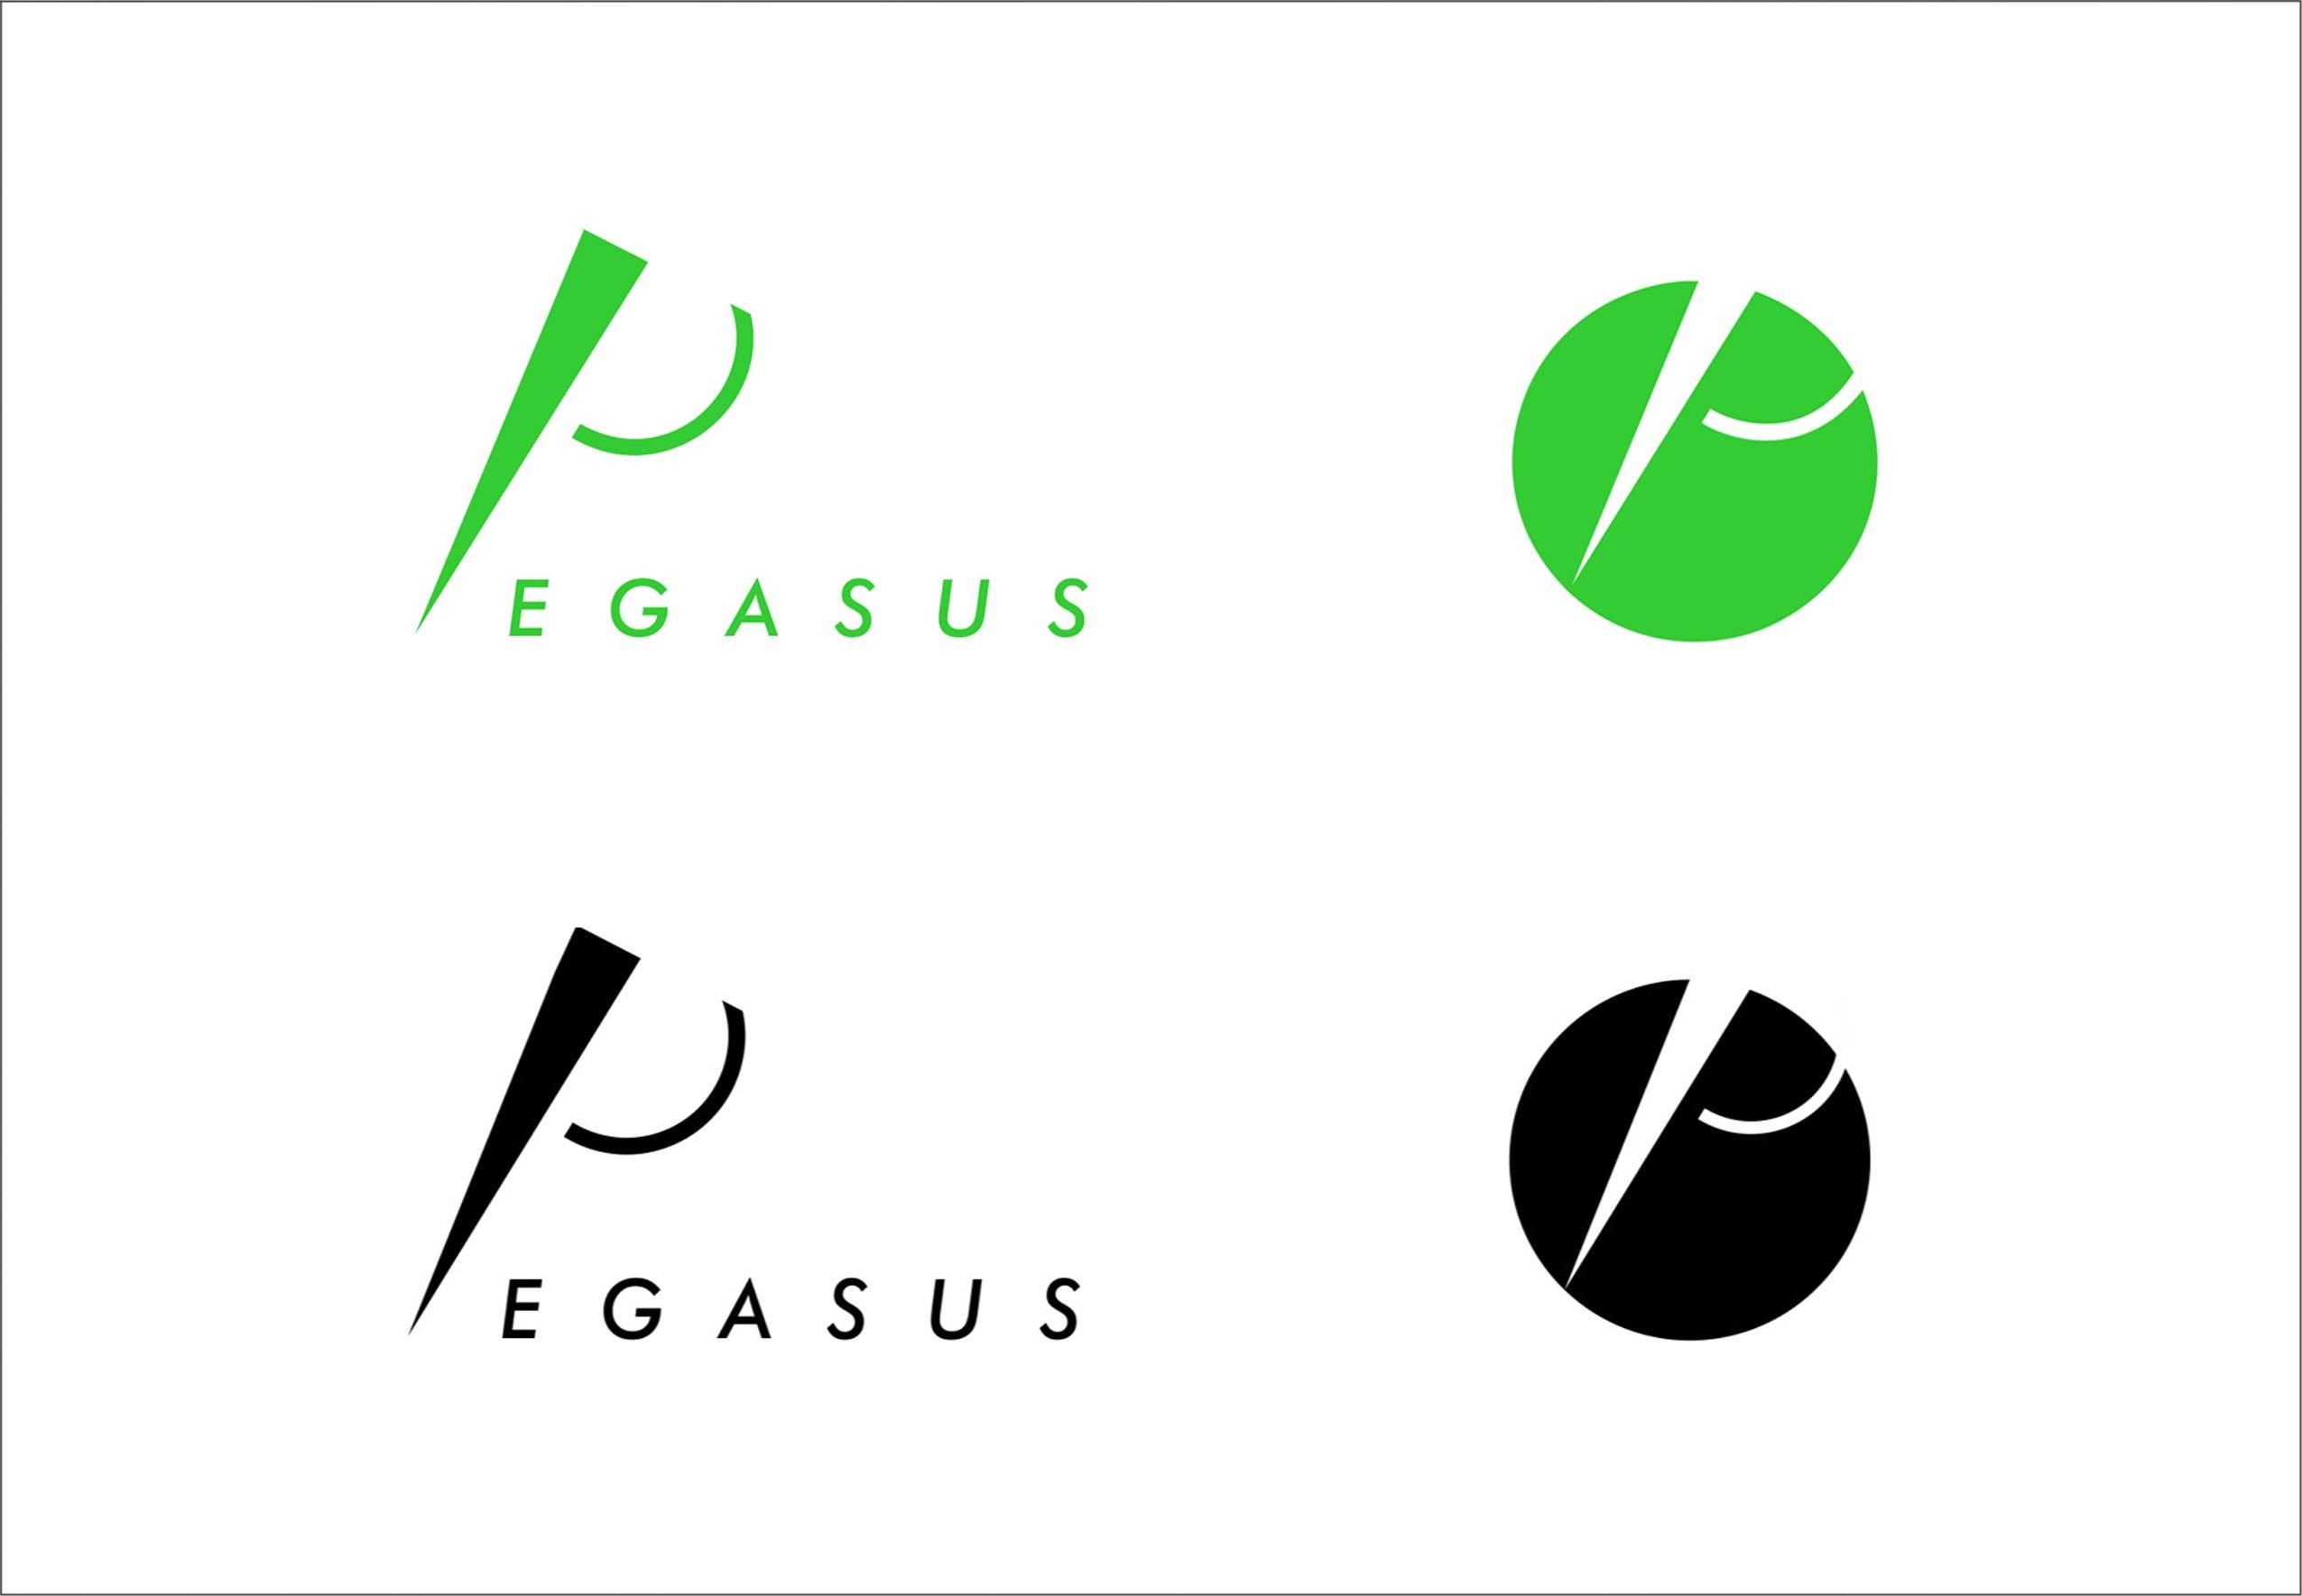 A_PEGASUS_2